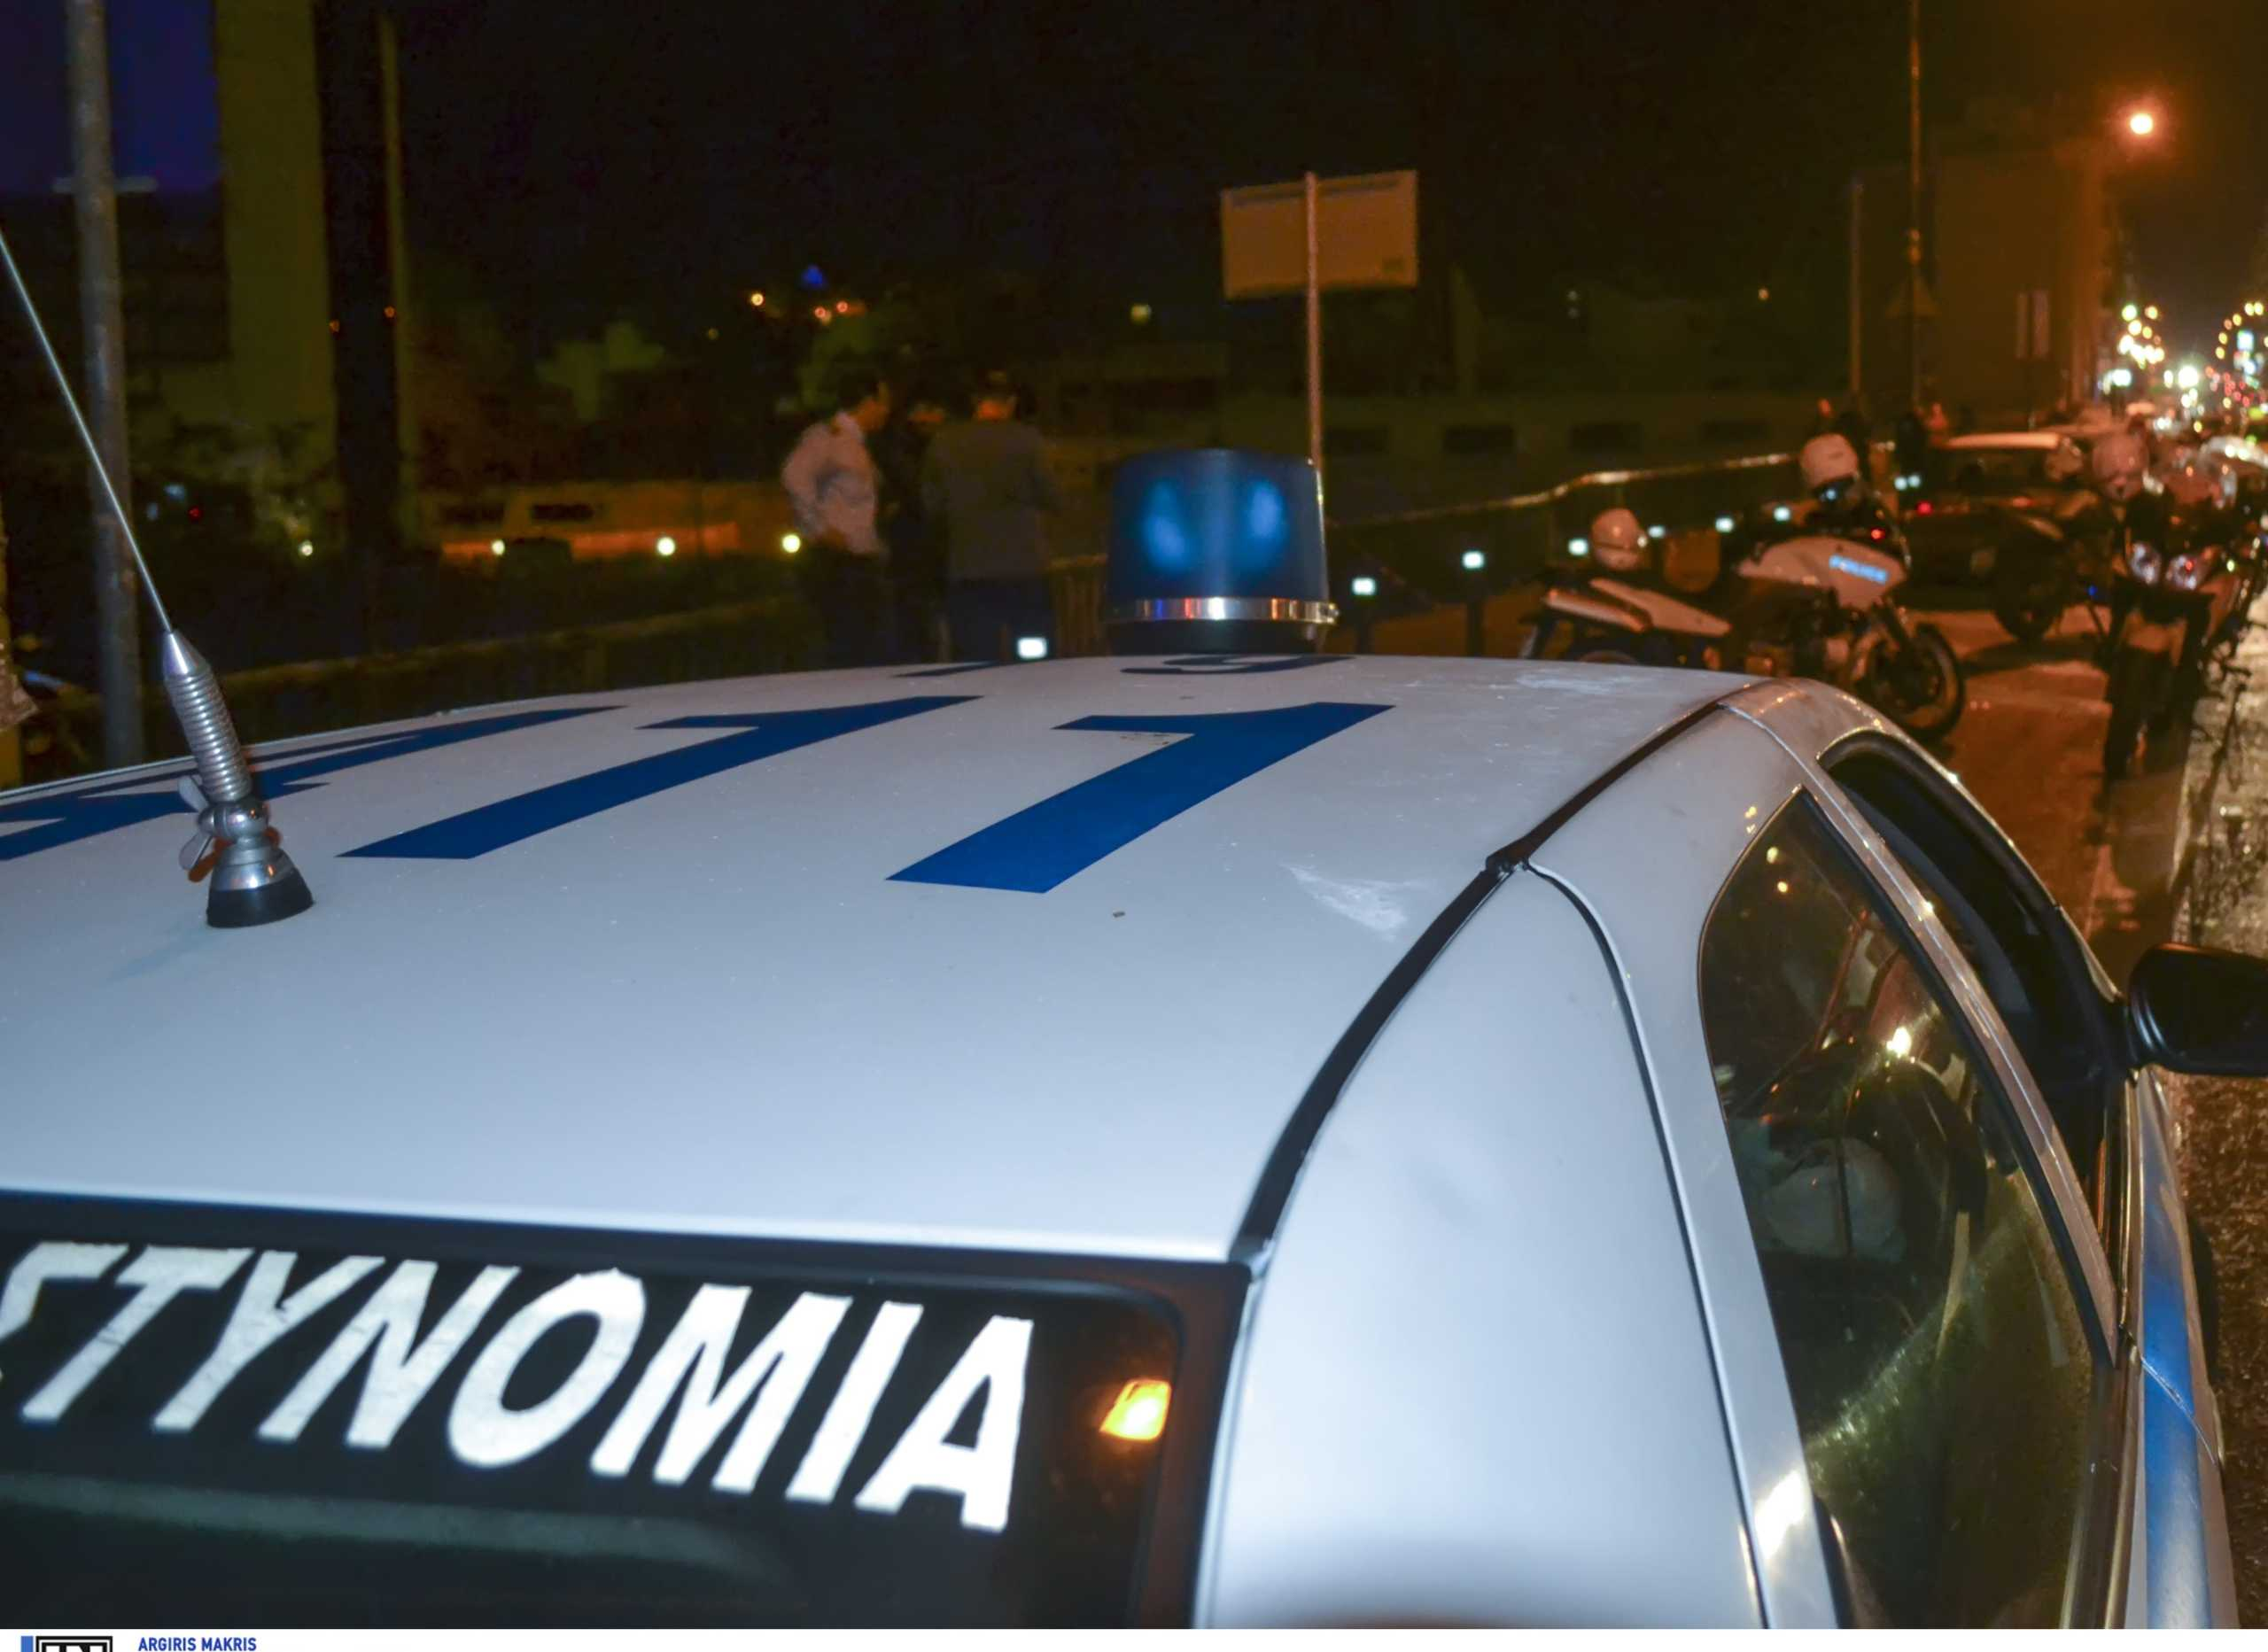 Πάτρα: Συνελήφθησαν οι δολοφόνοι του 88χρονου στο Μιντιλόγλι – Τέσσερις οι δράστες